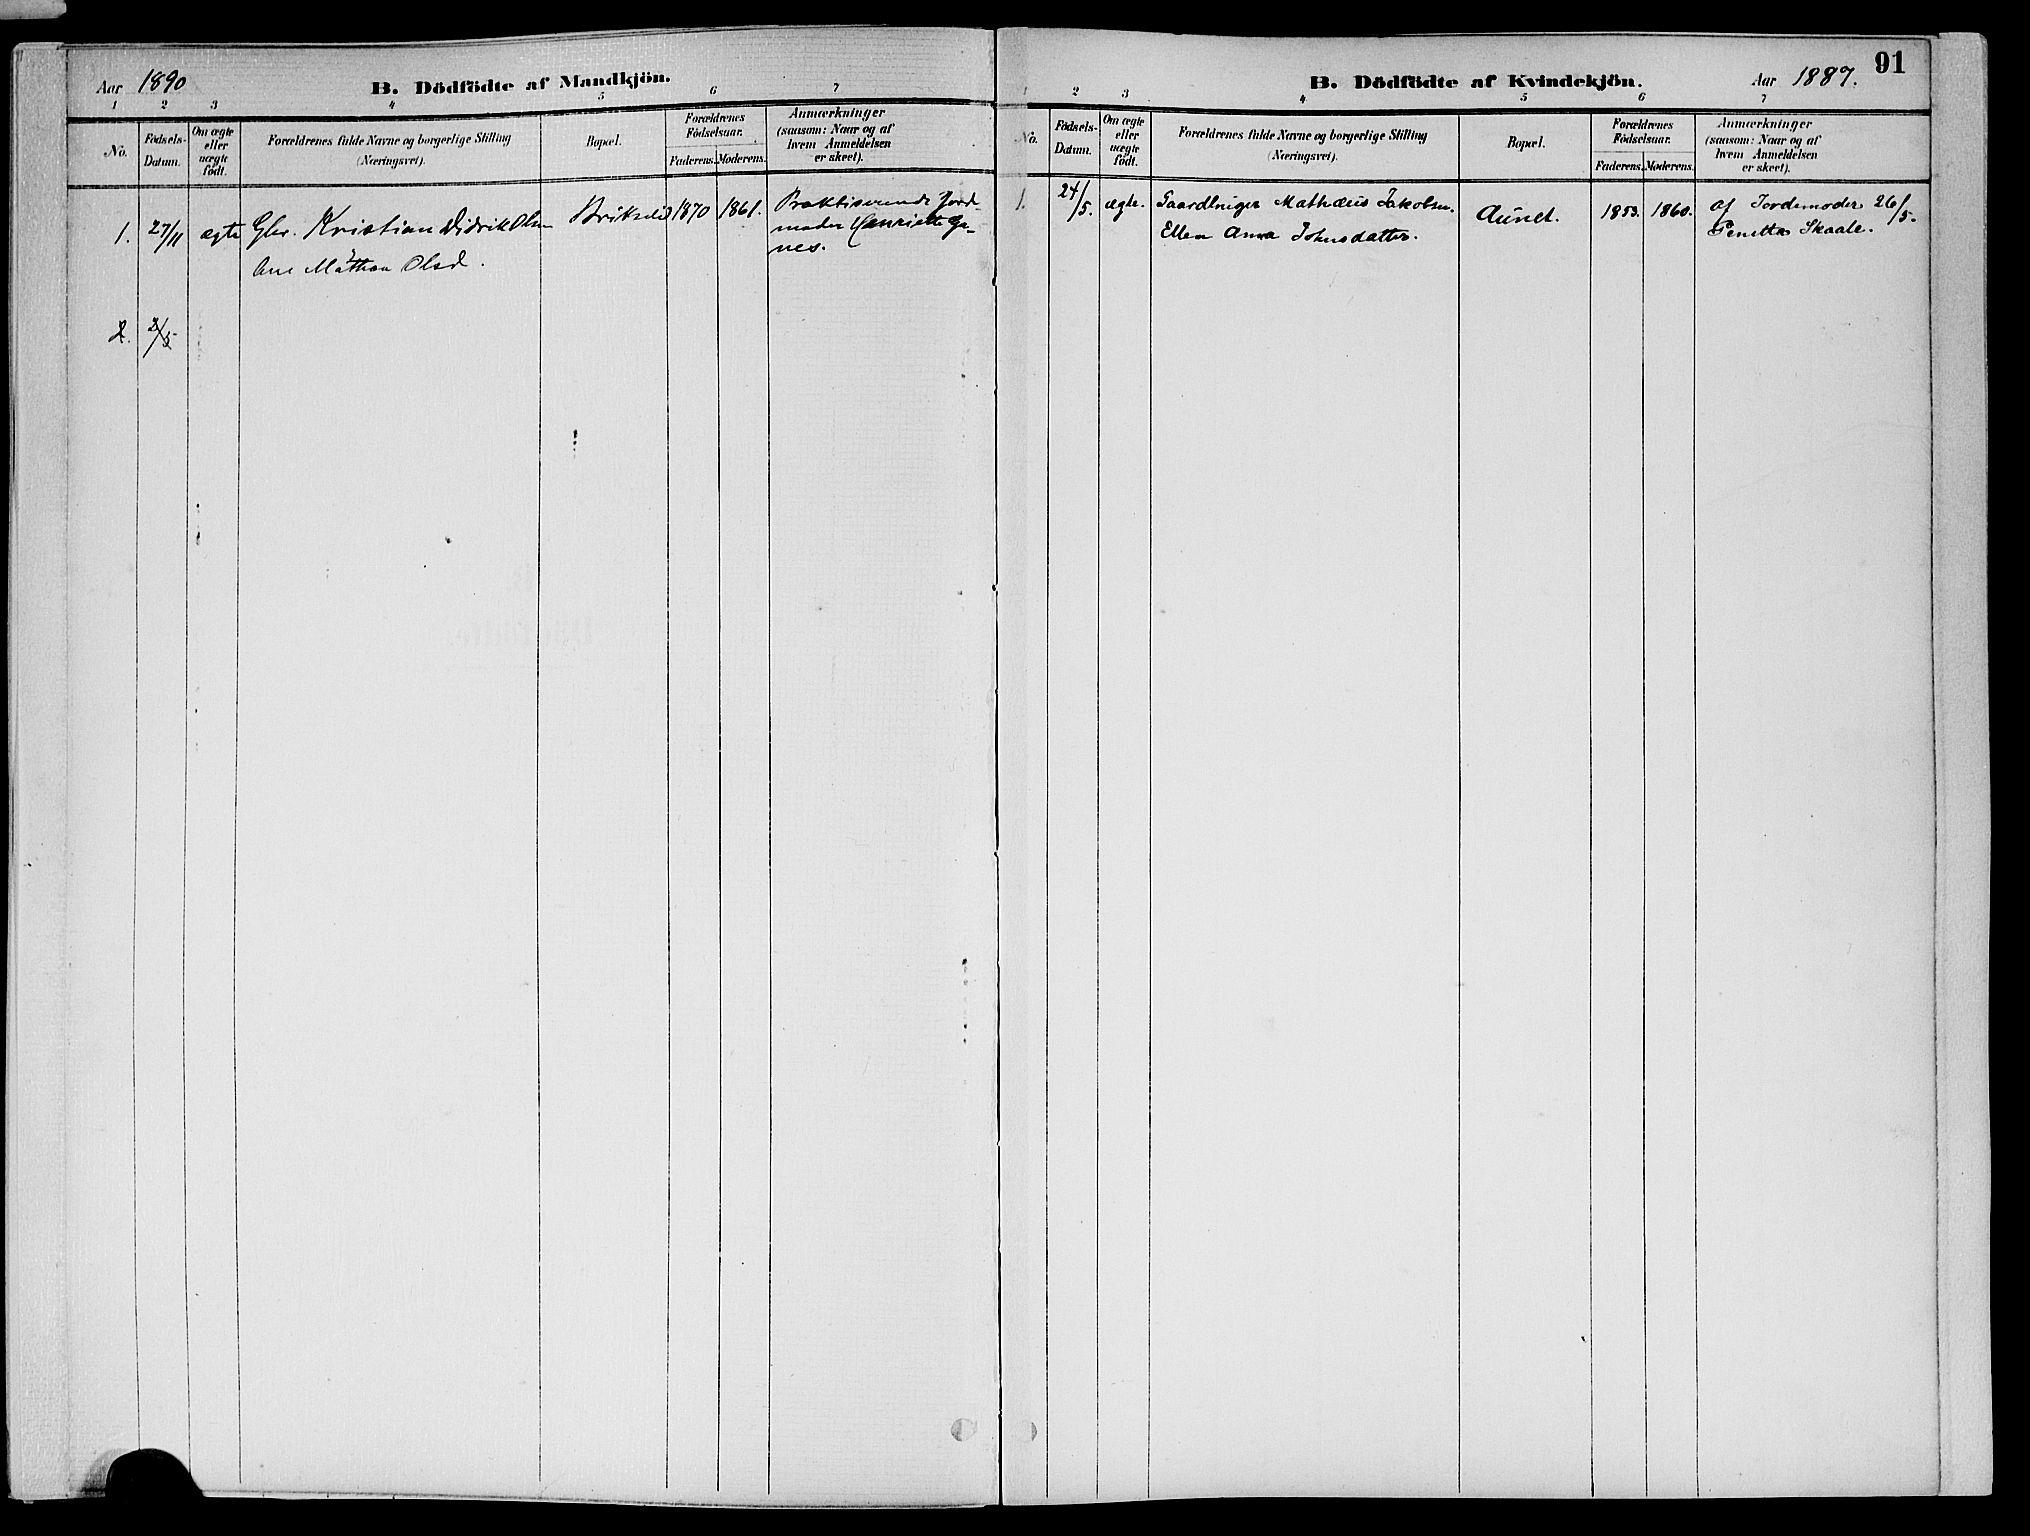 SAT, Ministerialprotokoller, klokkerbøker og fødselsregistre - Nord-Trøndelag, 773/L0617: Ministerialbok nr. 773A08, 1887-1910, s. 91